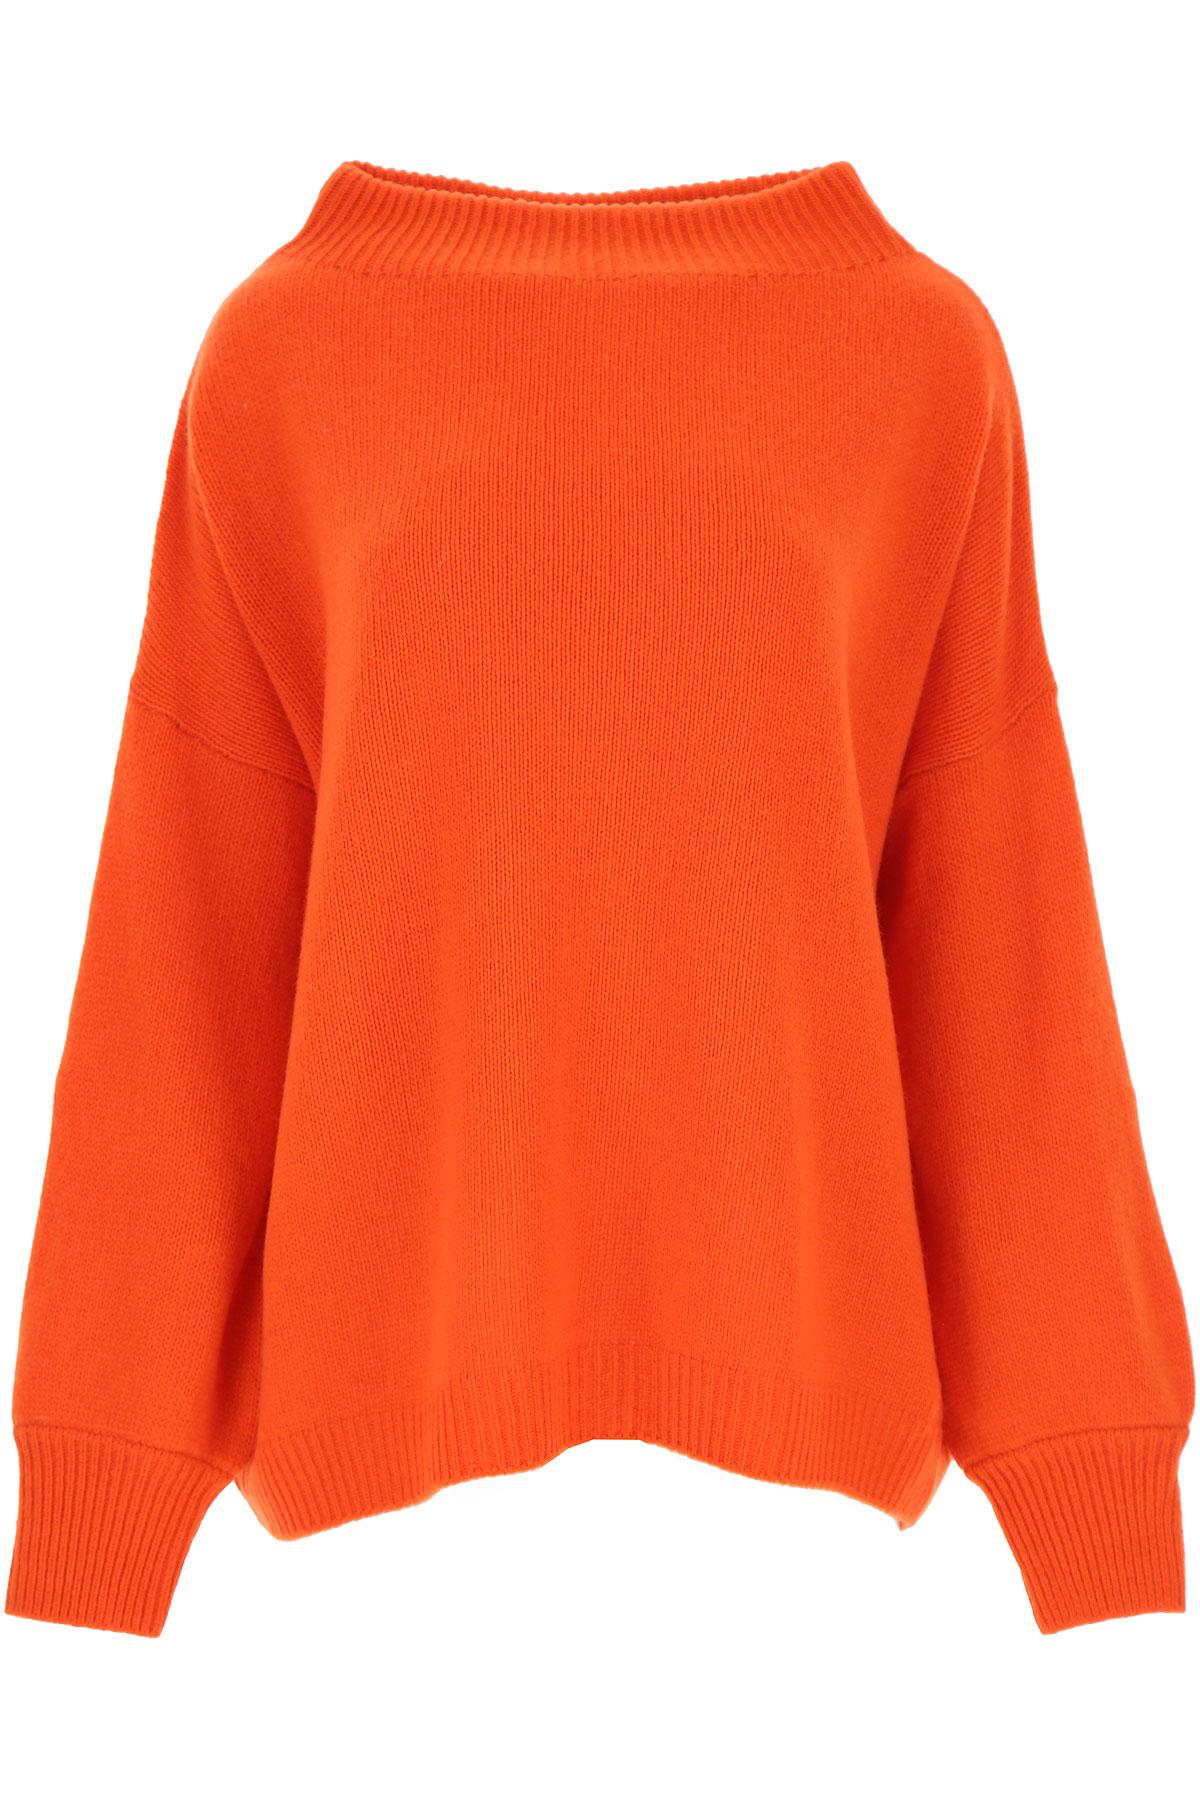 Fuzzi Sweater for Women Jumper On Sale, Orange, Virgin wool, 2019, 4 6 8